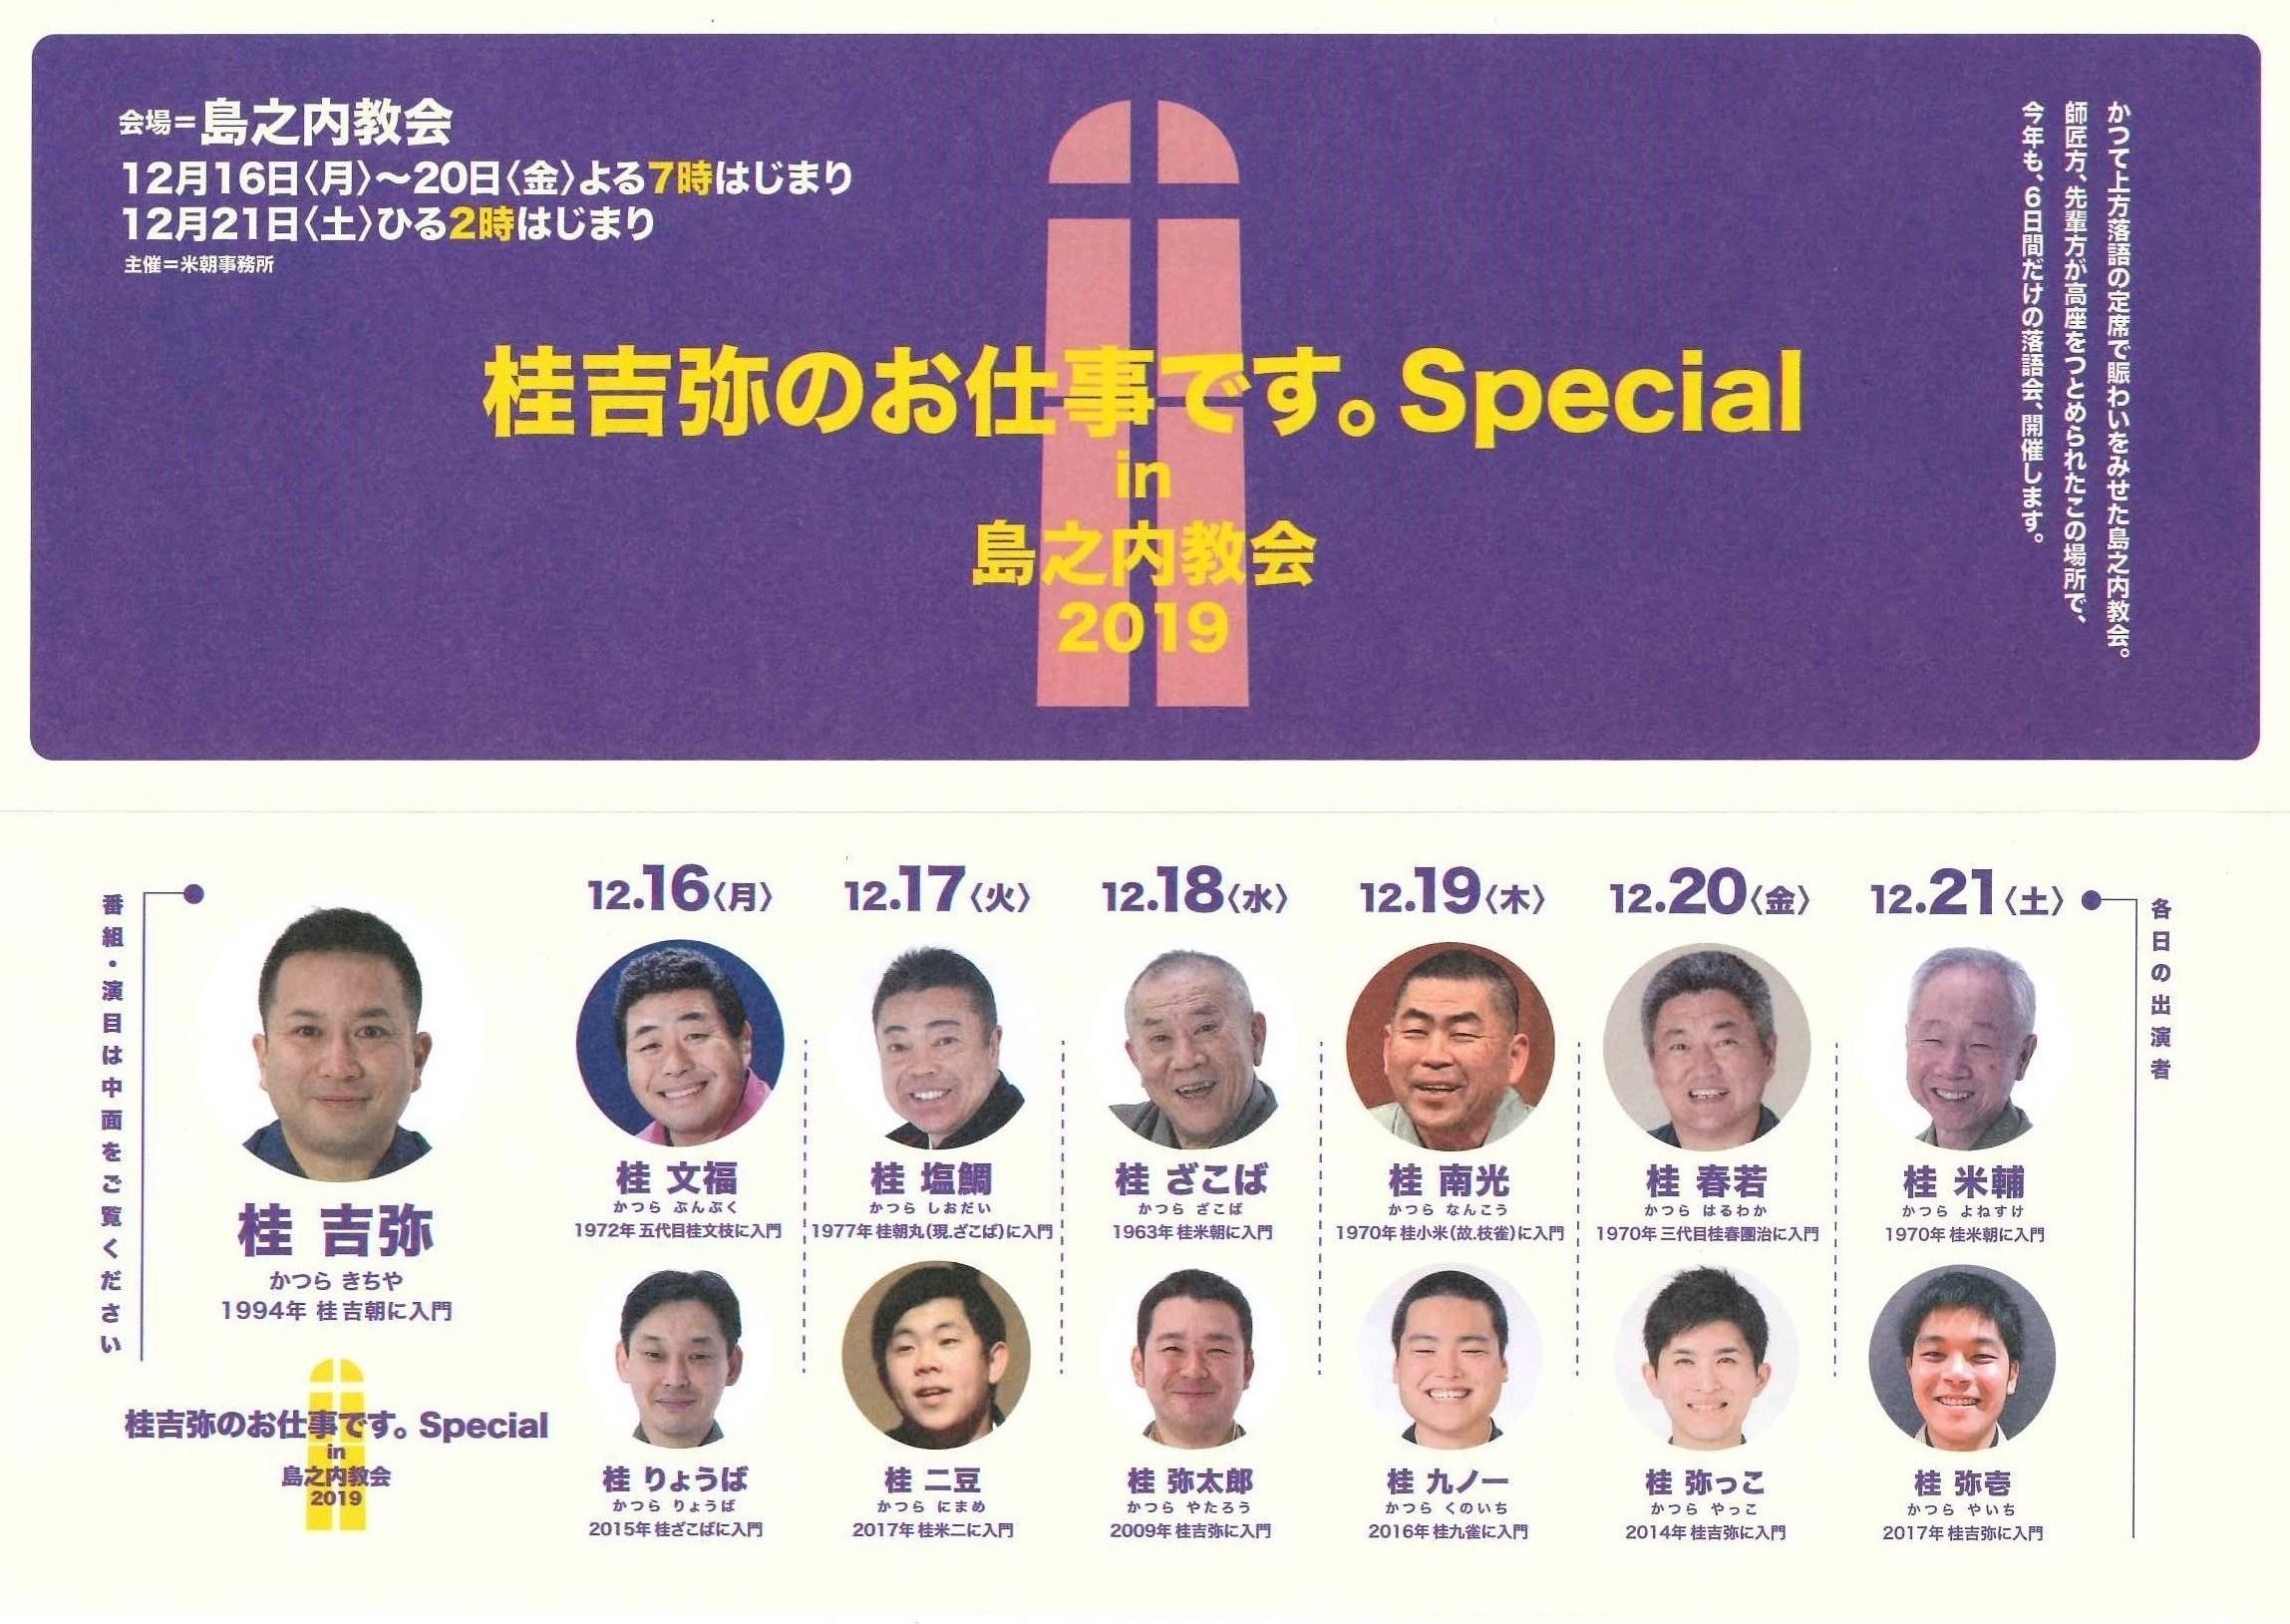 『桂吉弥のお仕事です。Special in島之内教会』